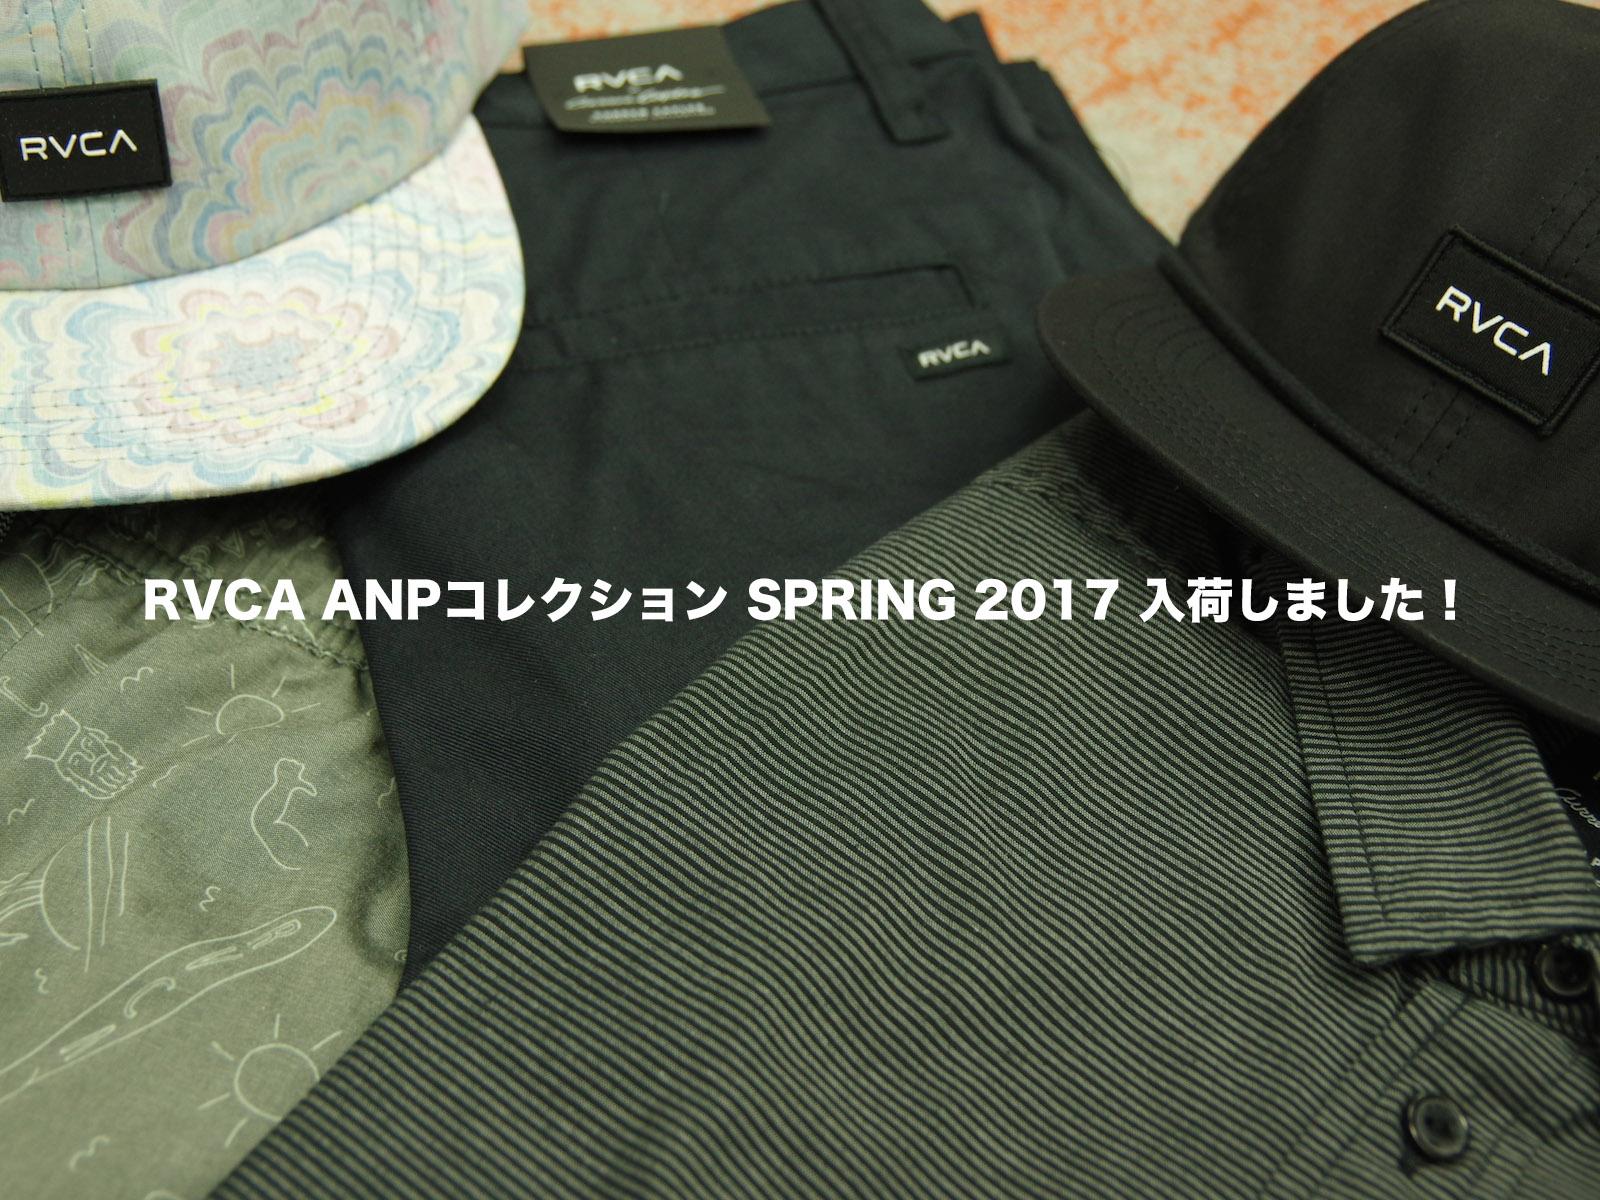 RVCA ANPコレクション SPRING 2017 入荷しました!